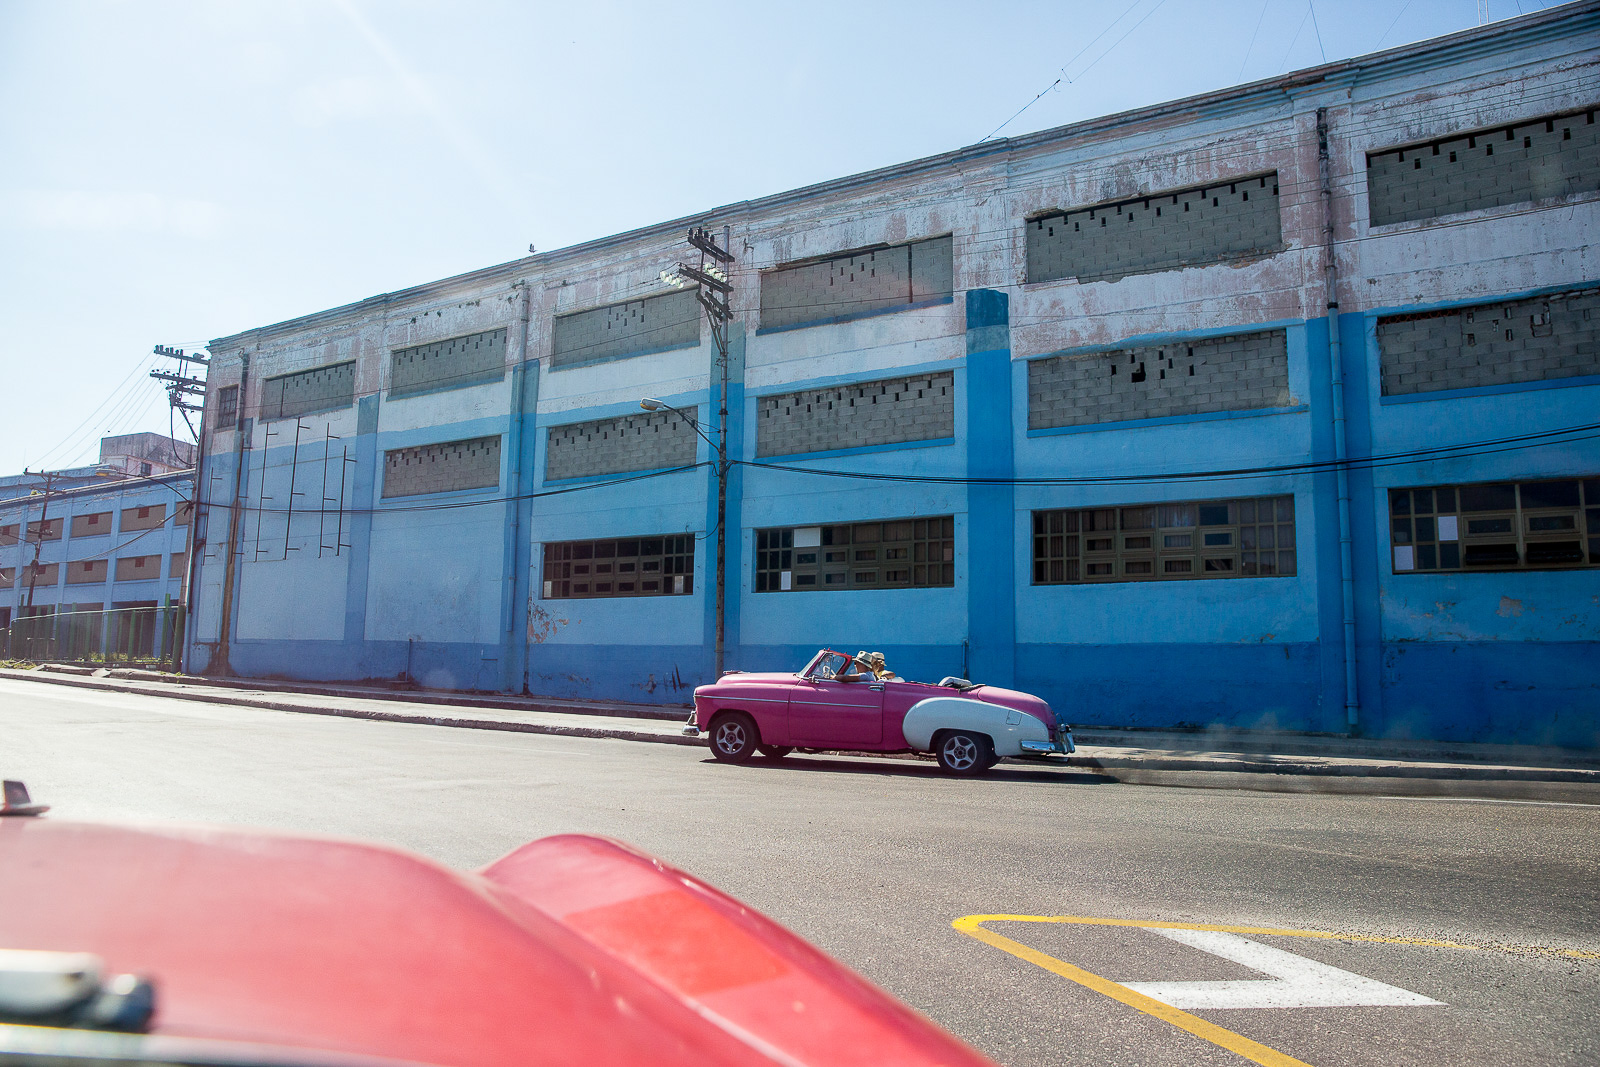 Cuba-TodSeelie-16.jpg